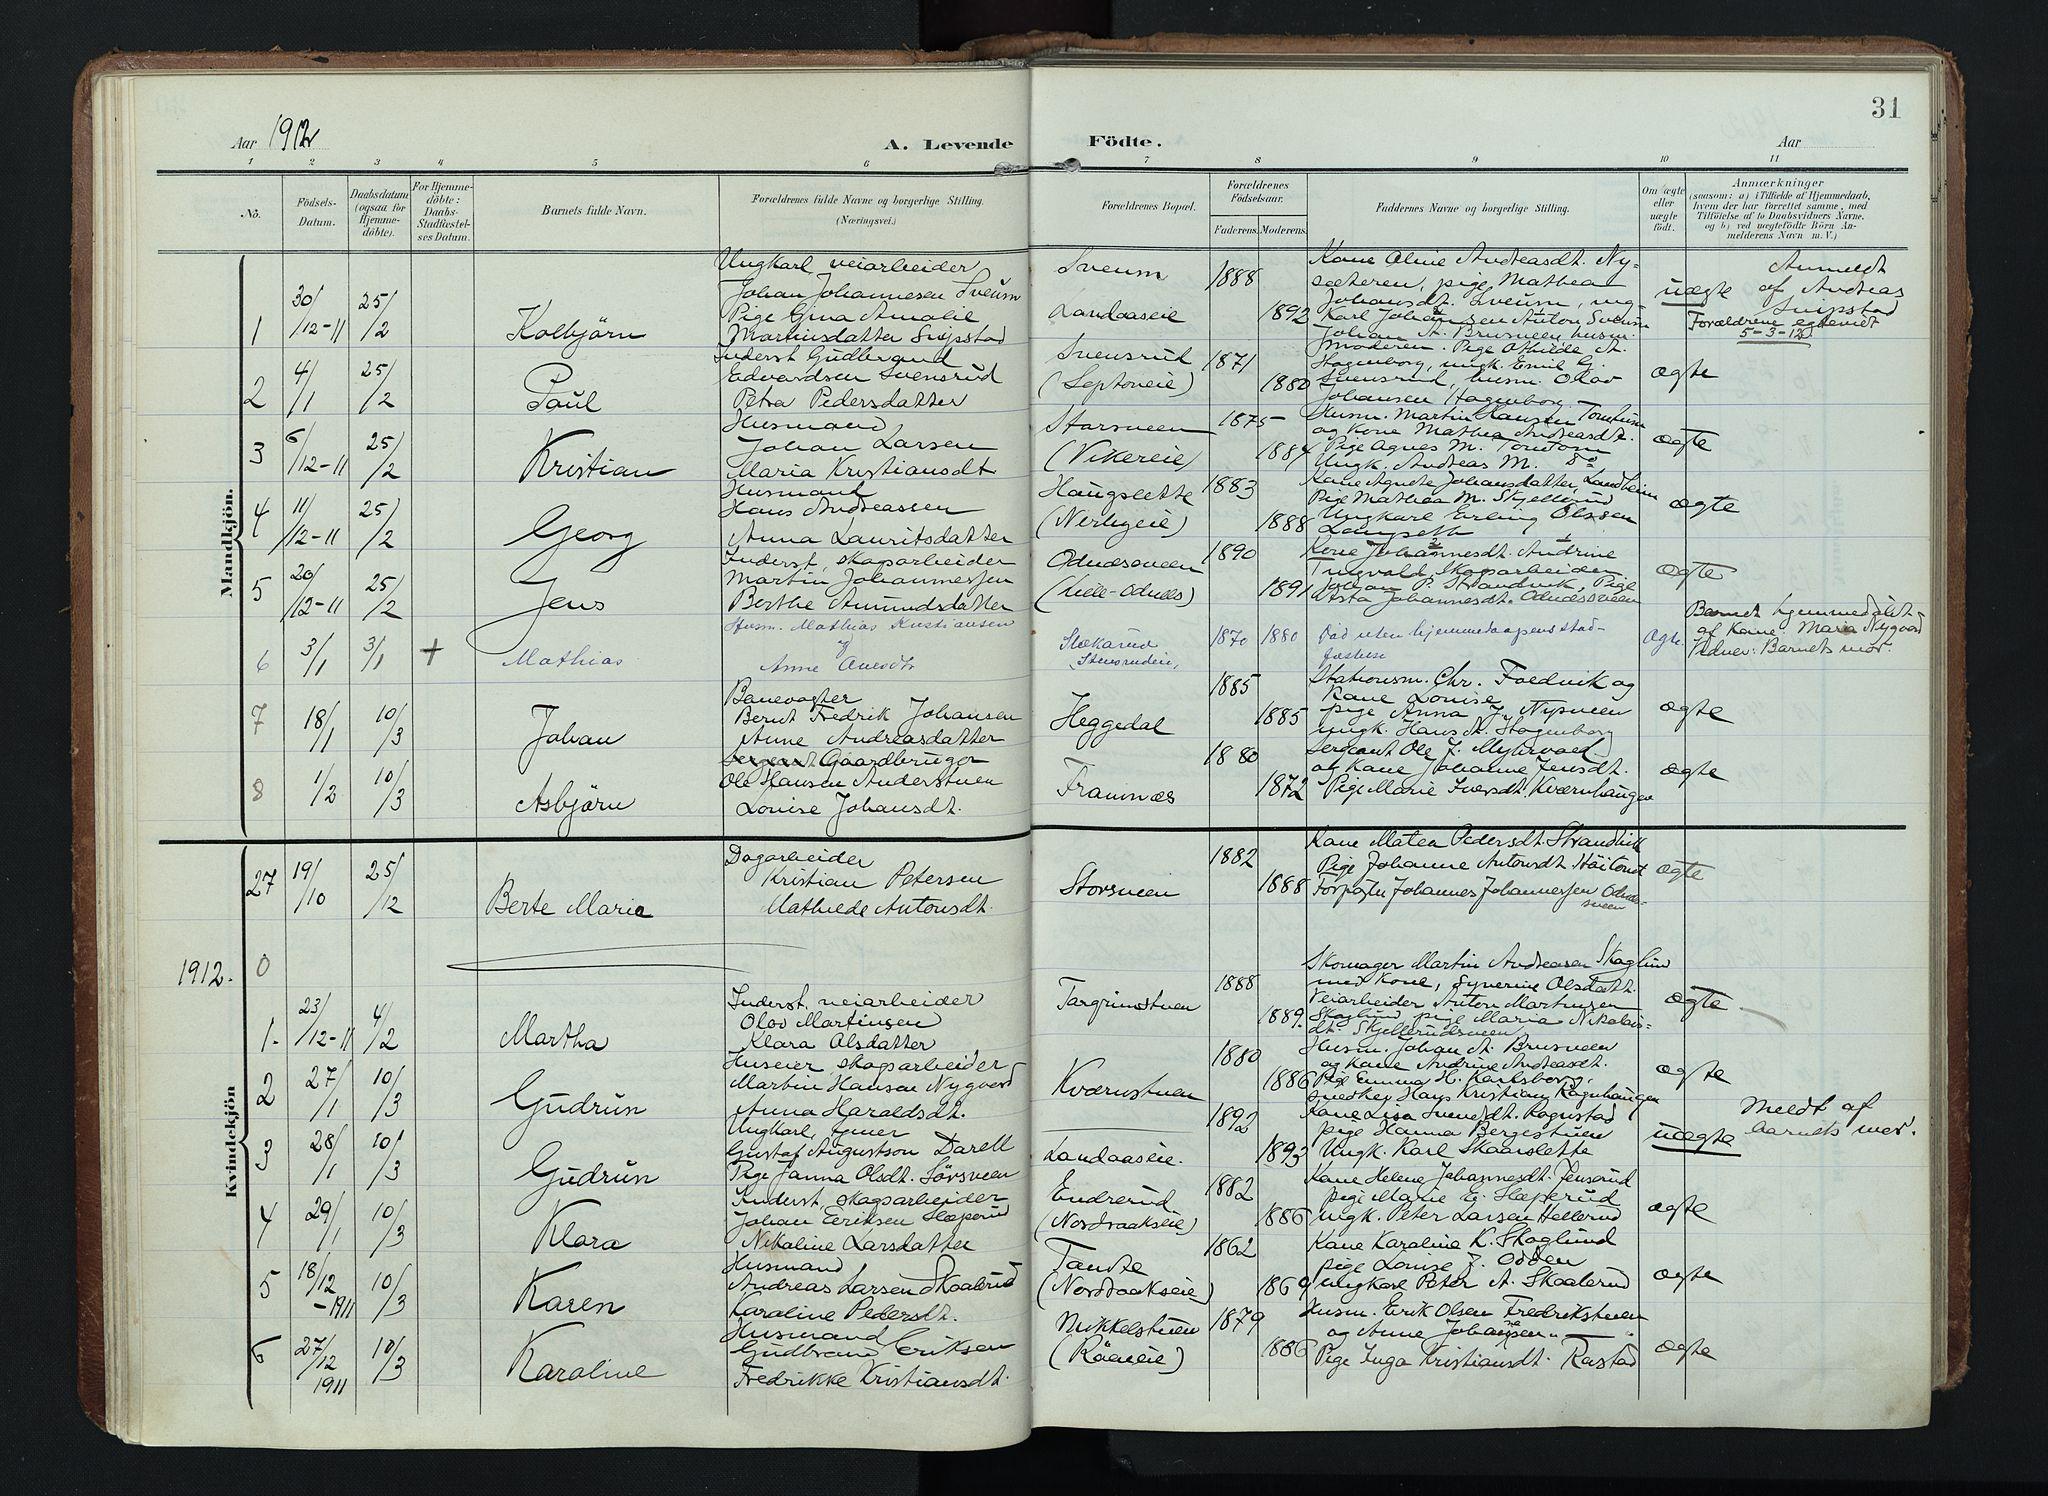 SAH, Søndre Land prestekontor, K/L0005: Ministerialbok nr. 5, 1905-1914, s. 31